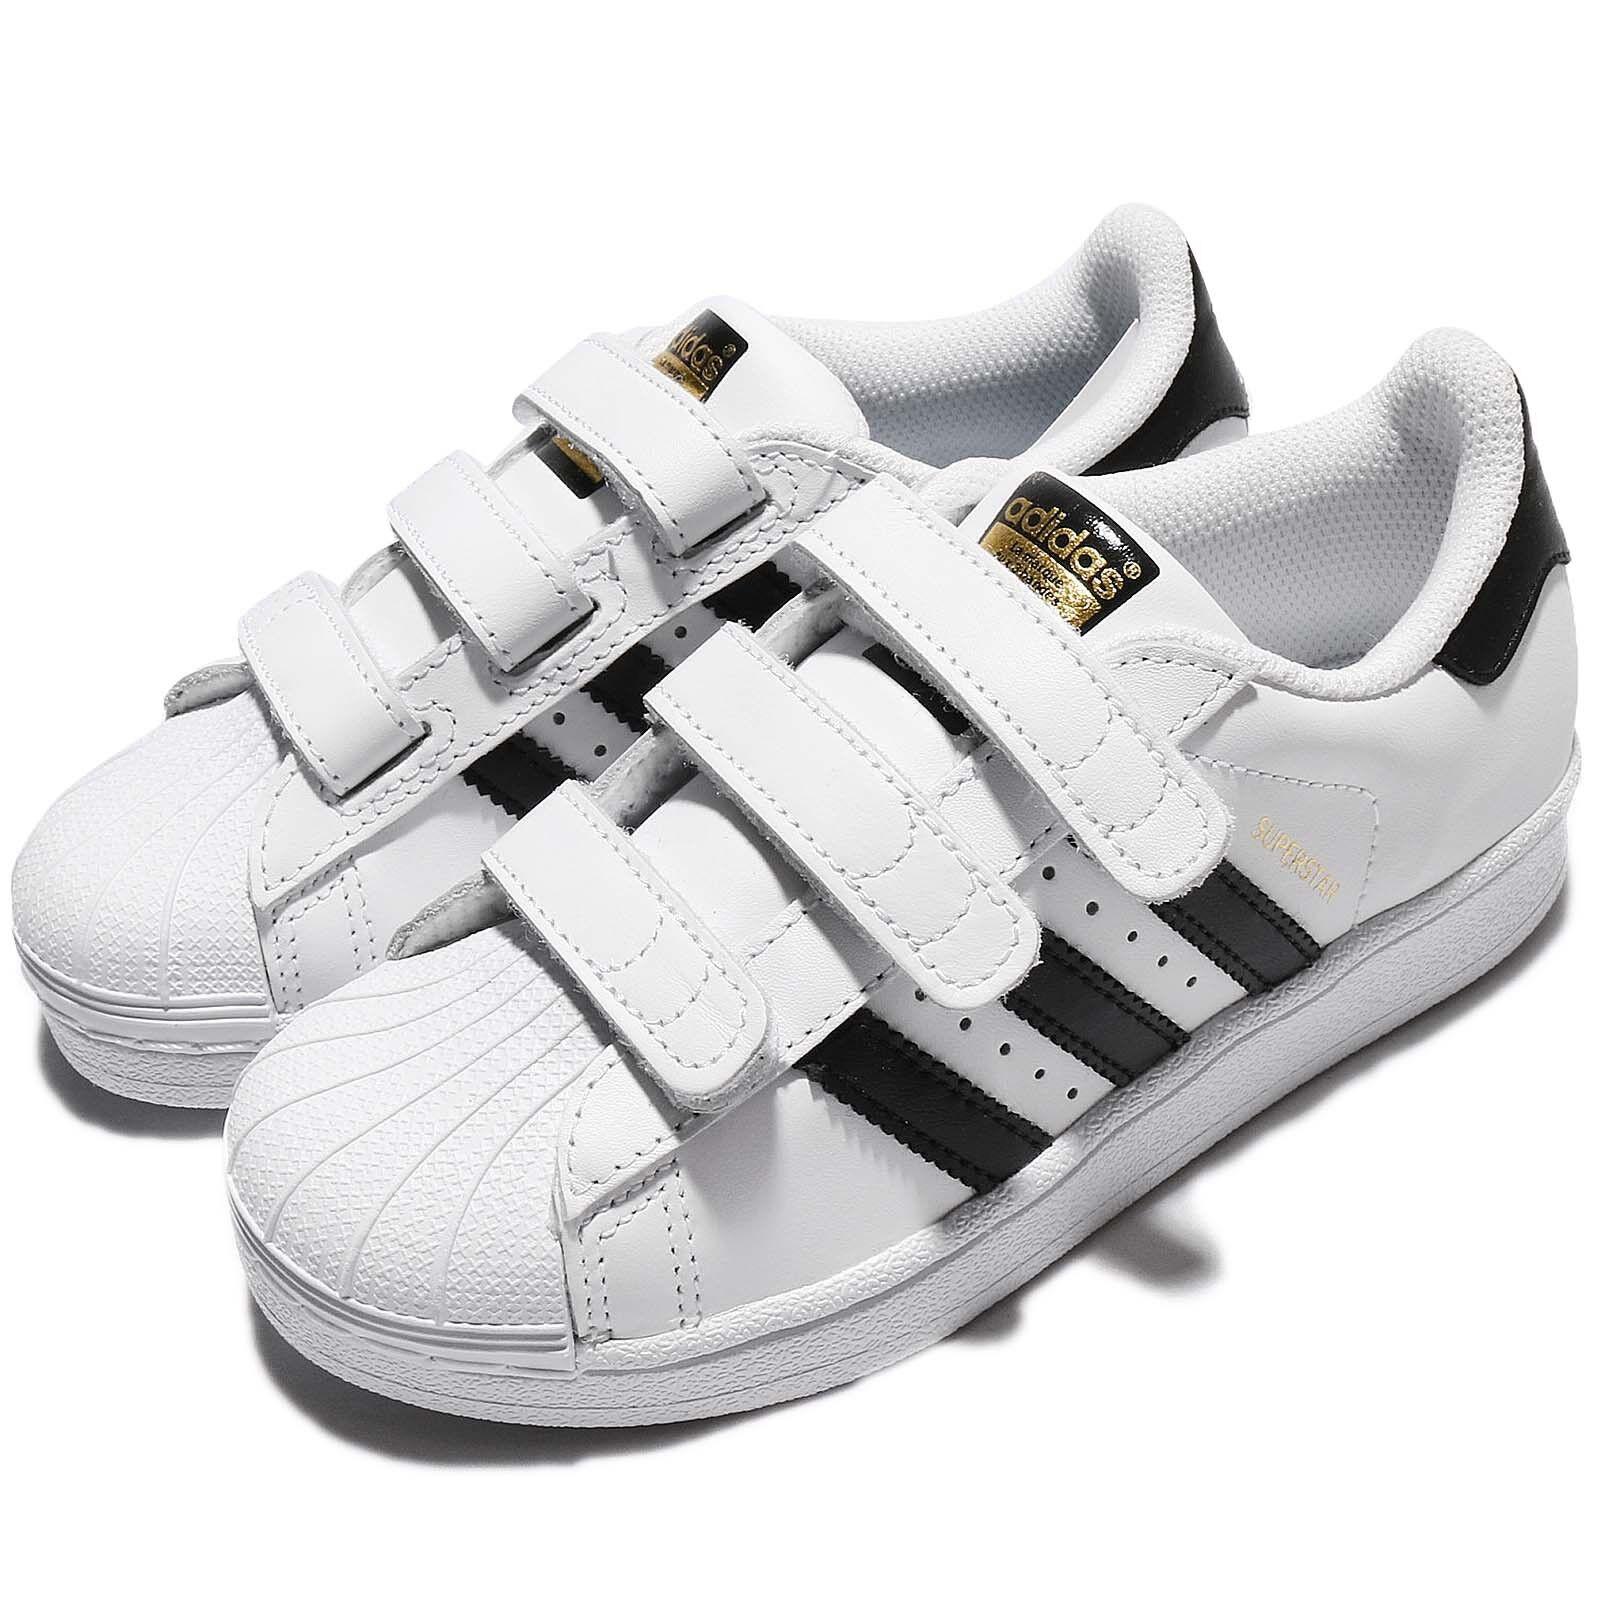 Adidas Originales súperEstrella FOUNDATION CF C blancoo Negro Niños Niños Zapato B26070